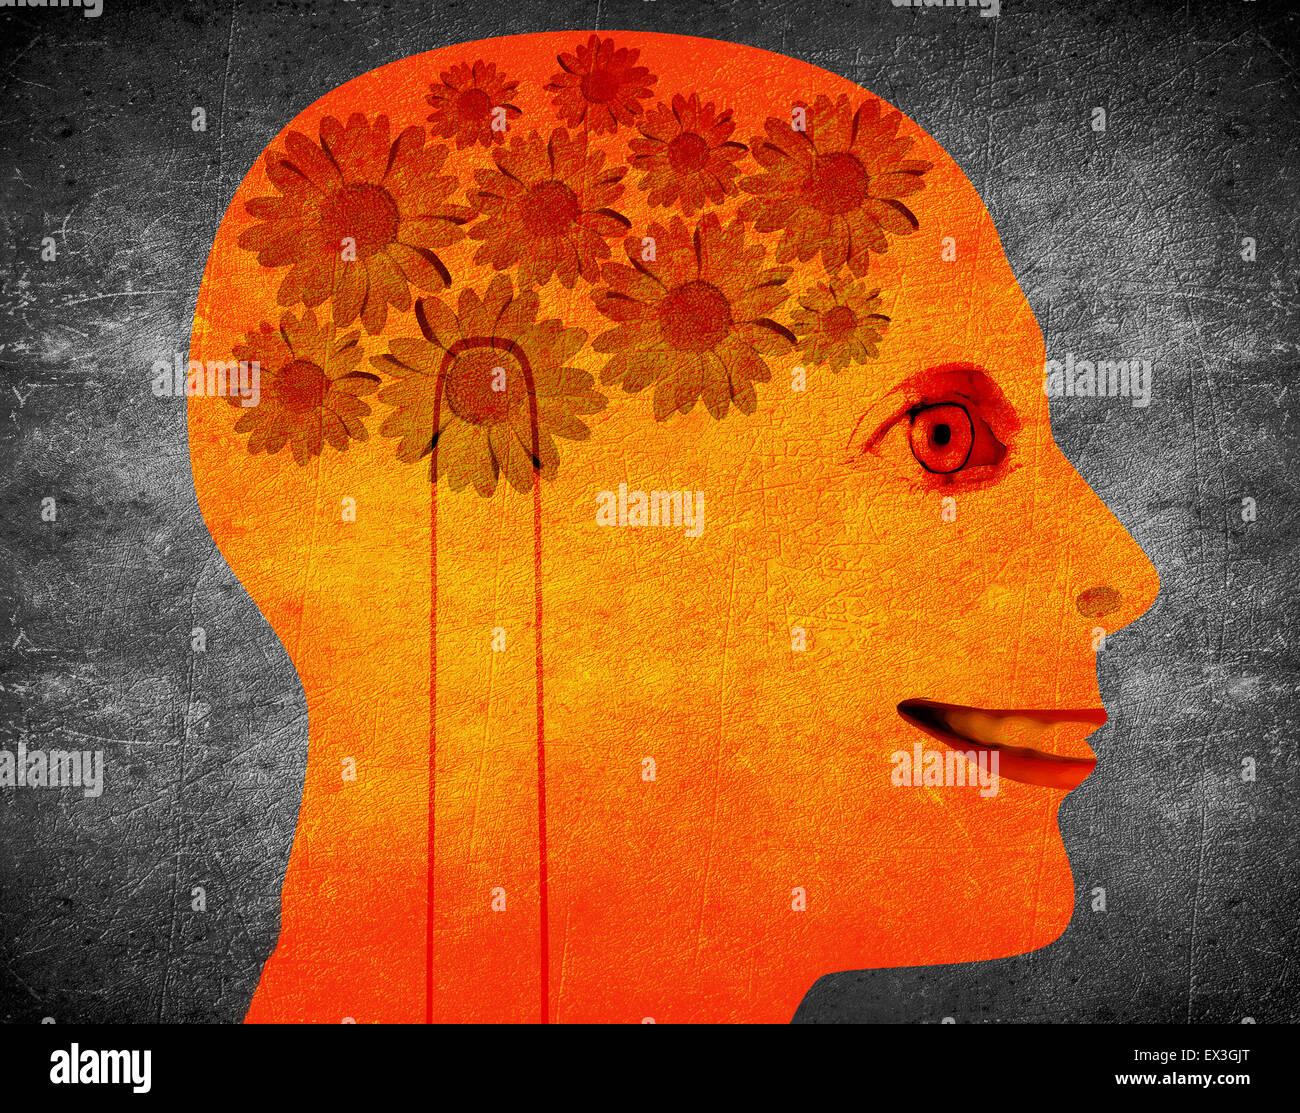 La créativité concept illustration avec tête orange et daisy flower Photo Stock